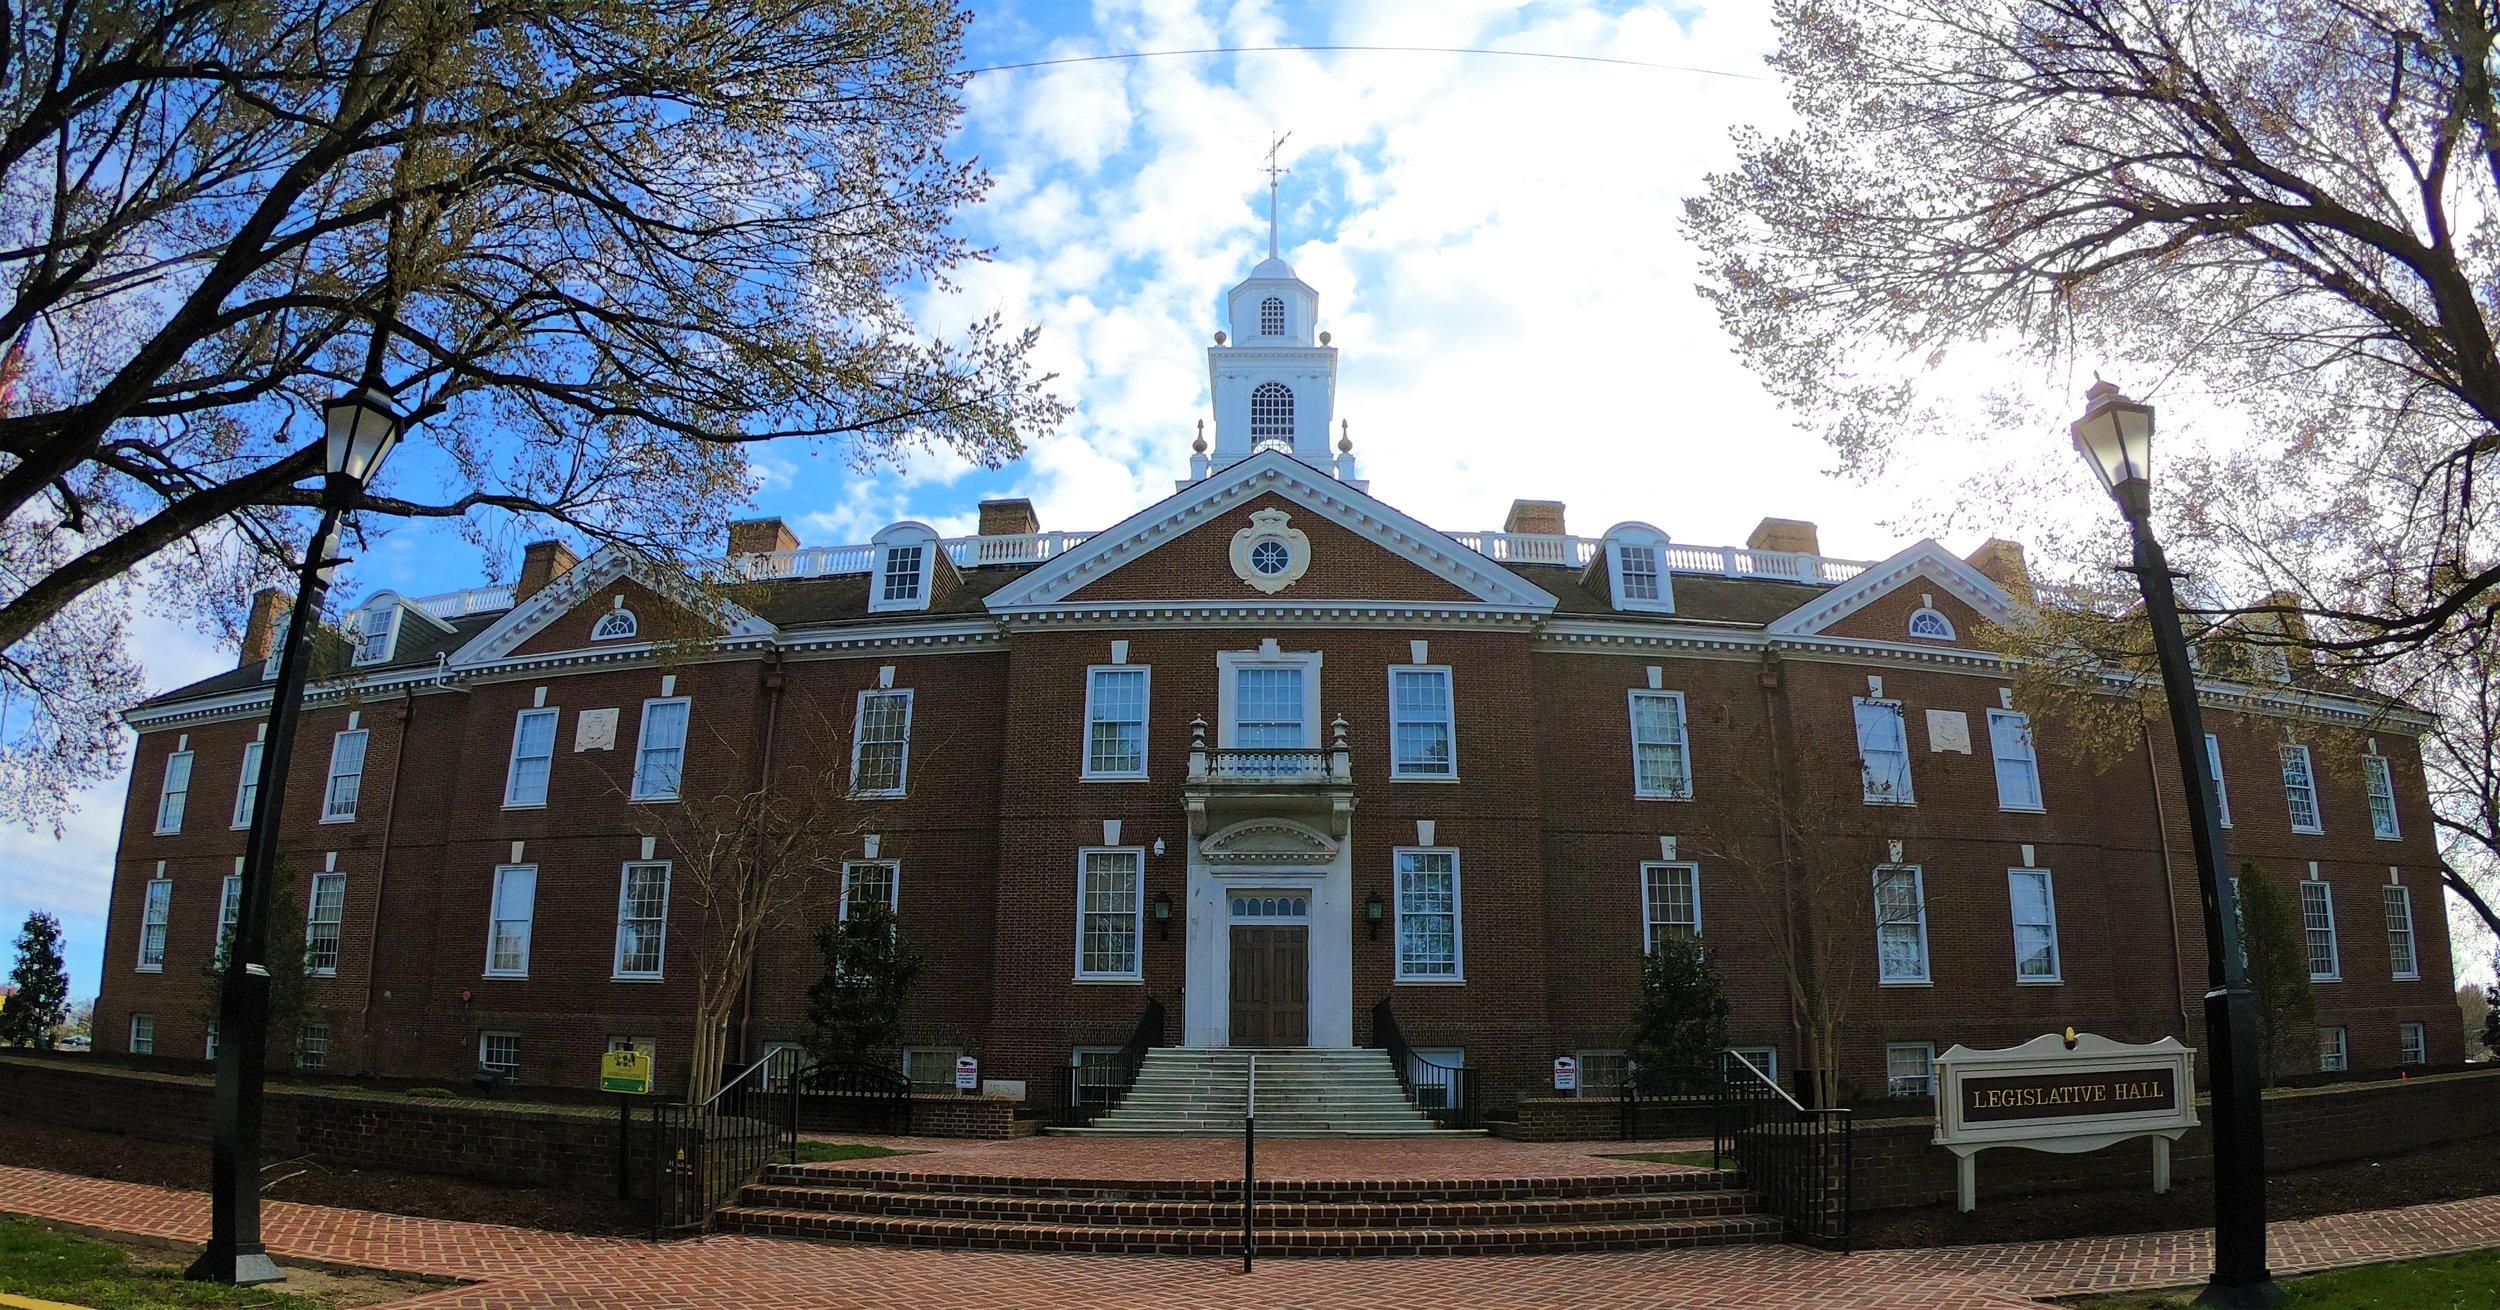 Legislative Hall: The State Capitol of Delaware in Dover